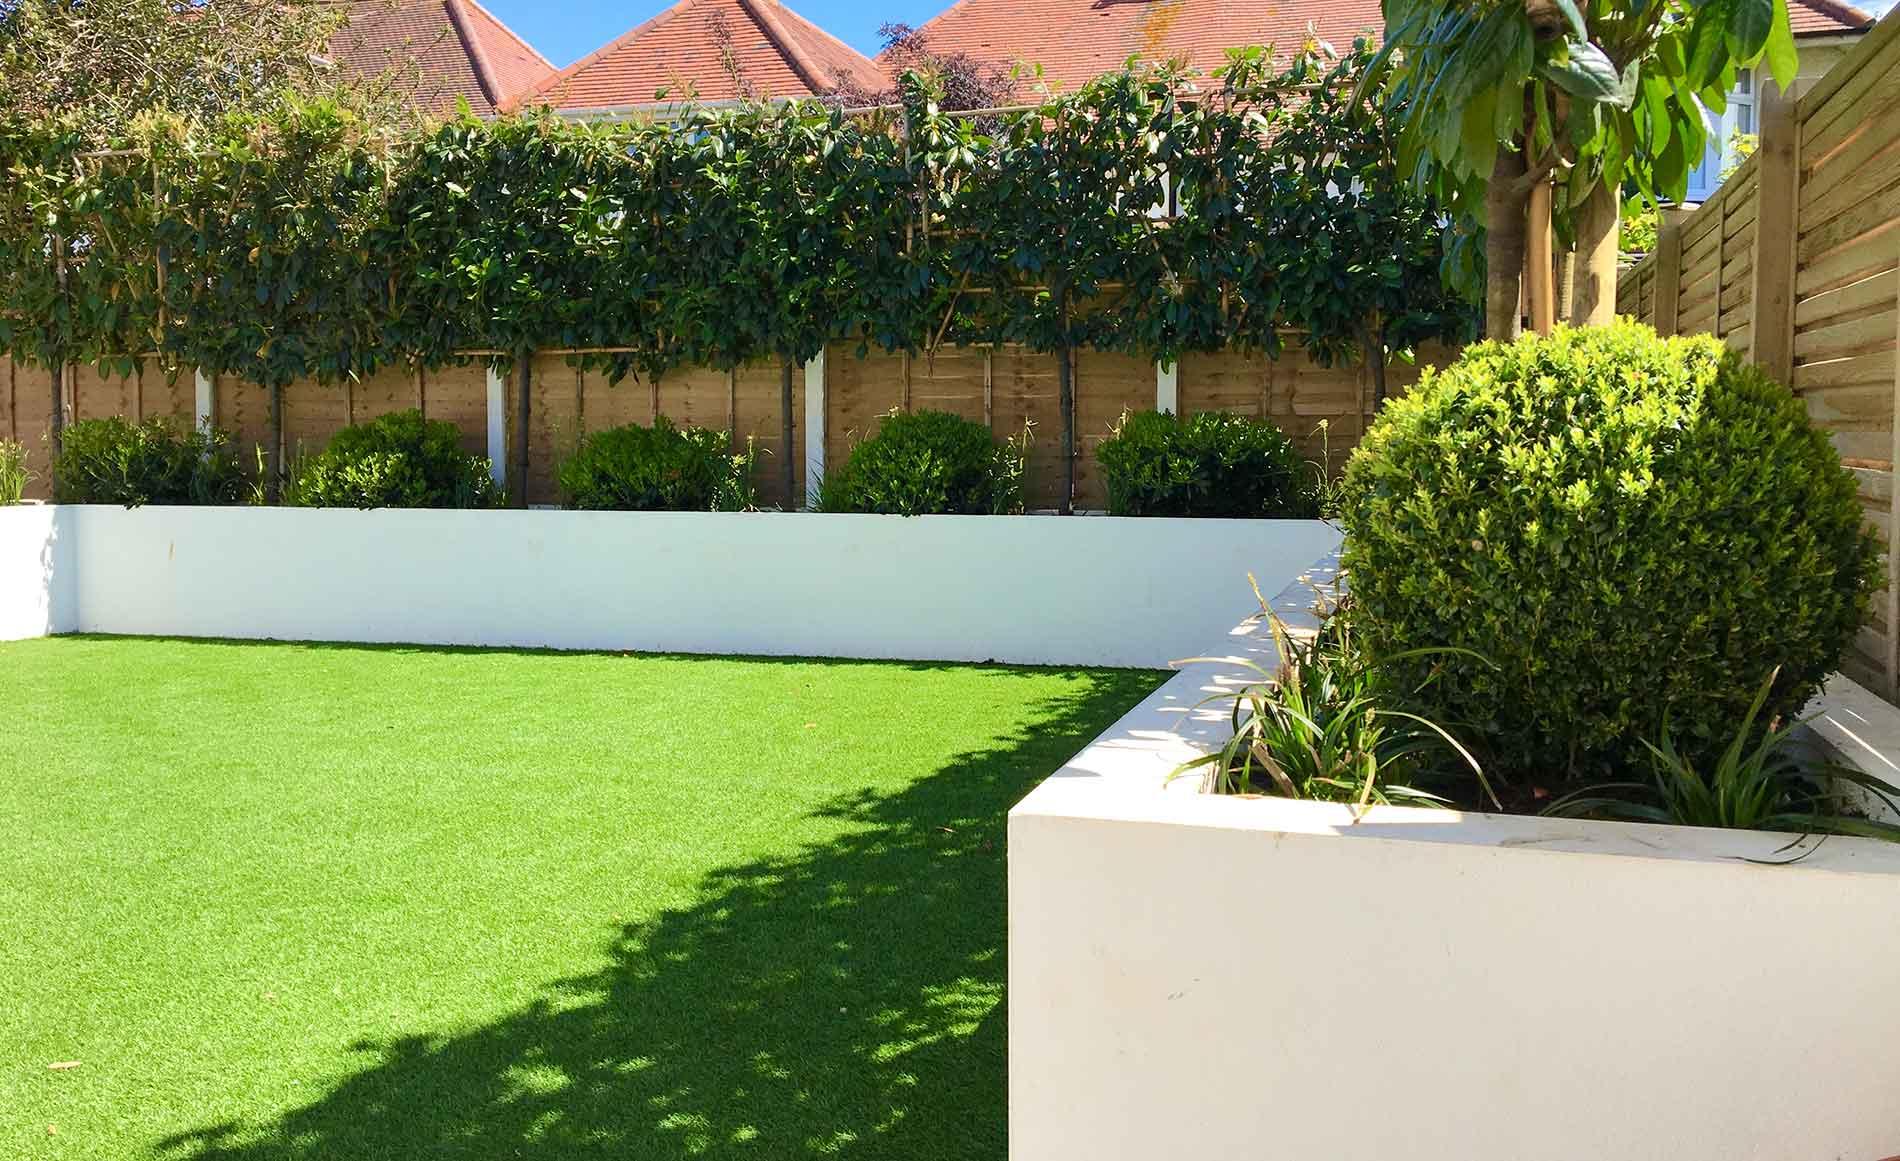 hove landscape garden designer